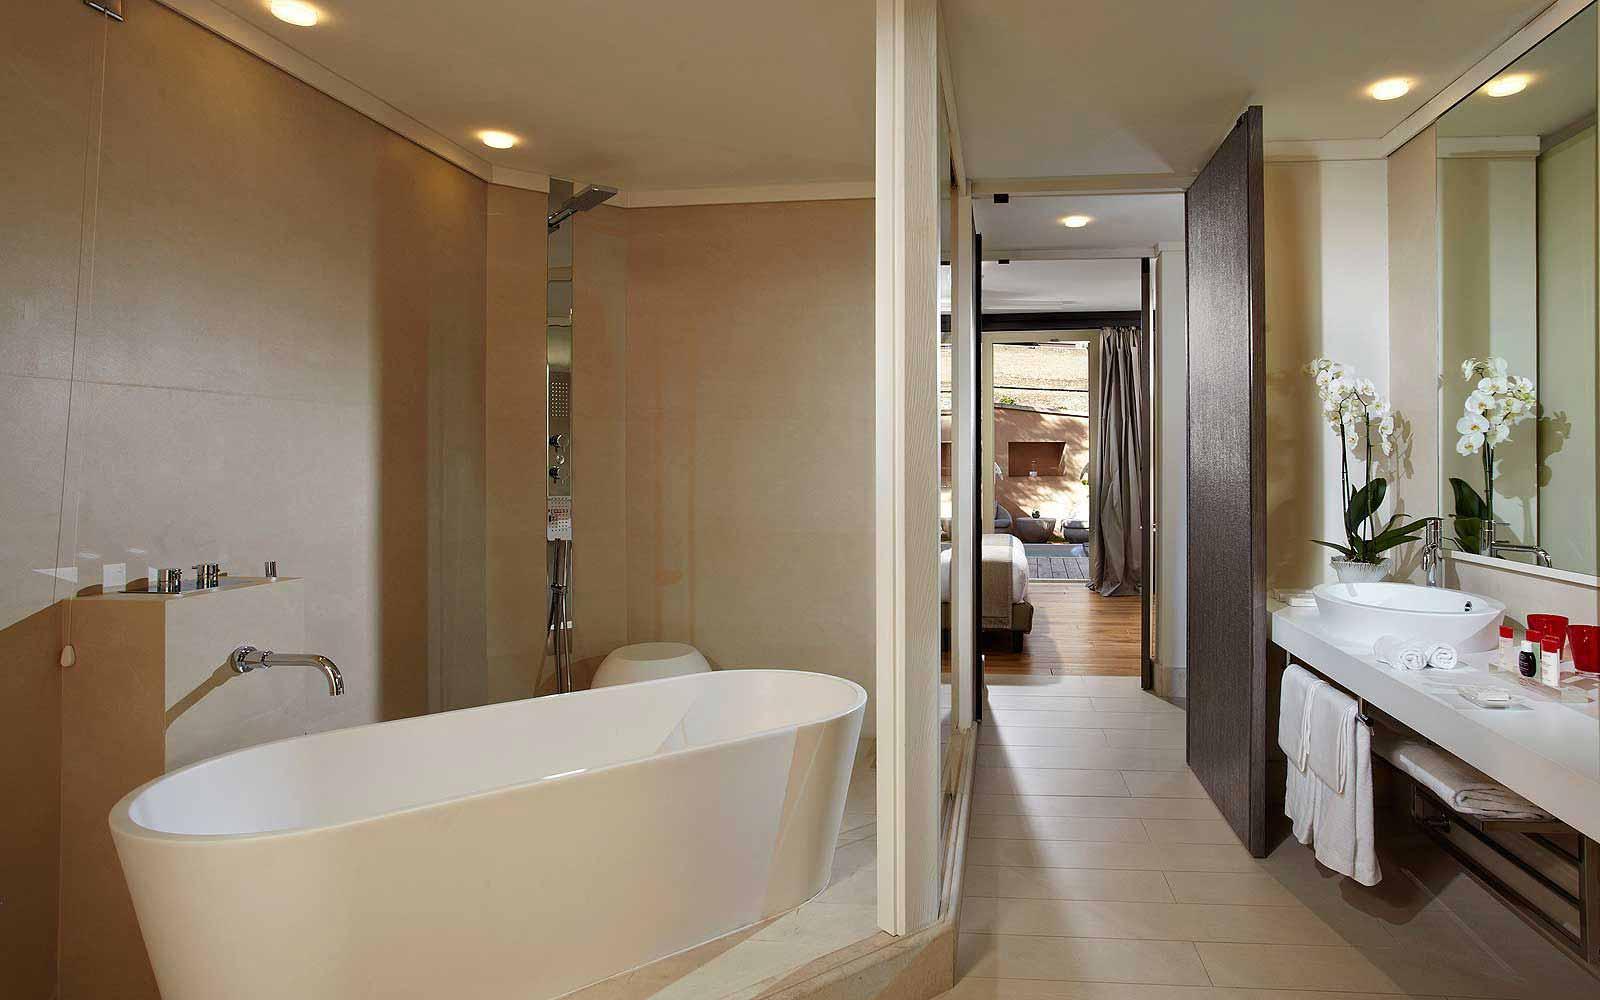 A suite at Gran Melia' Rome